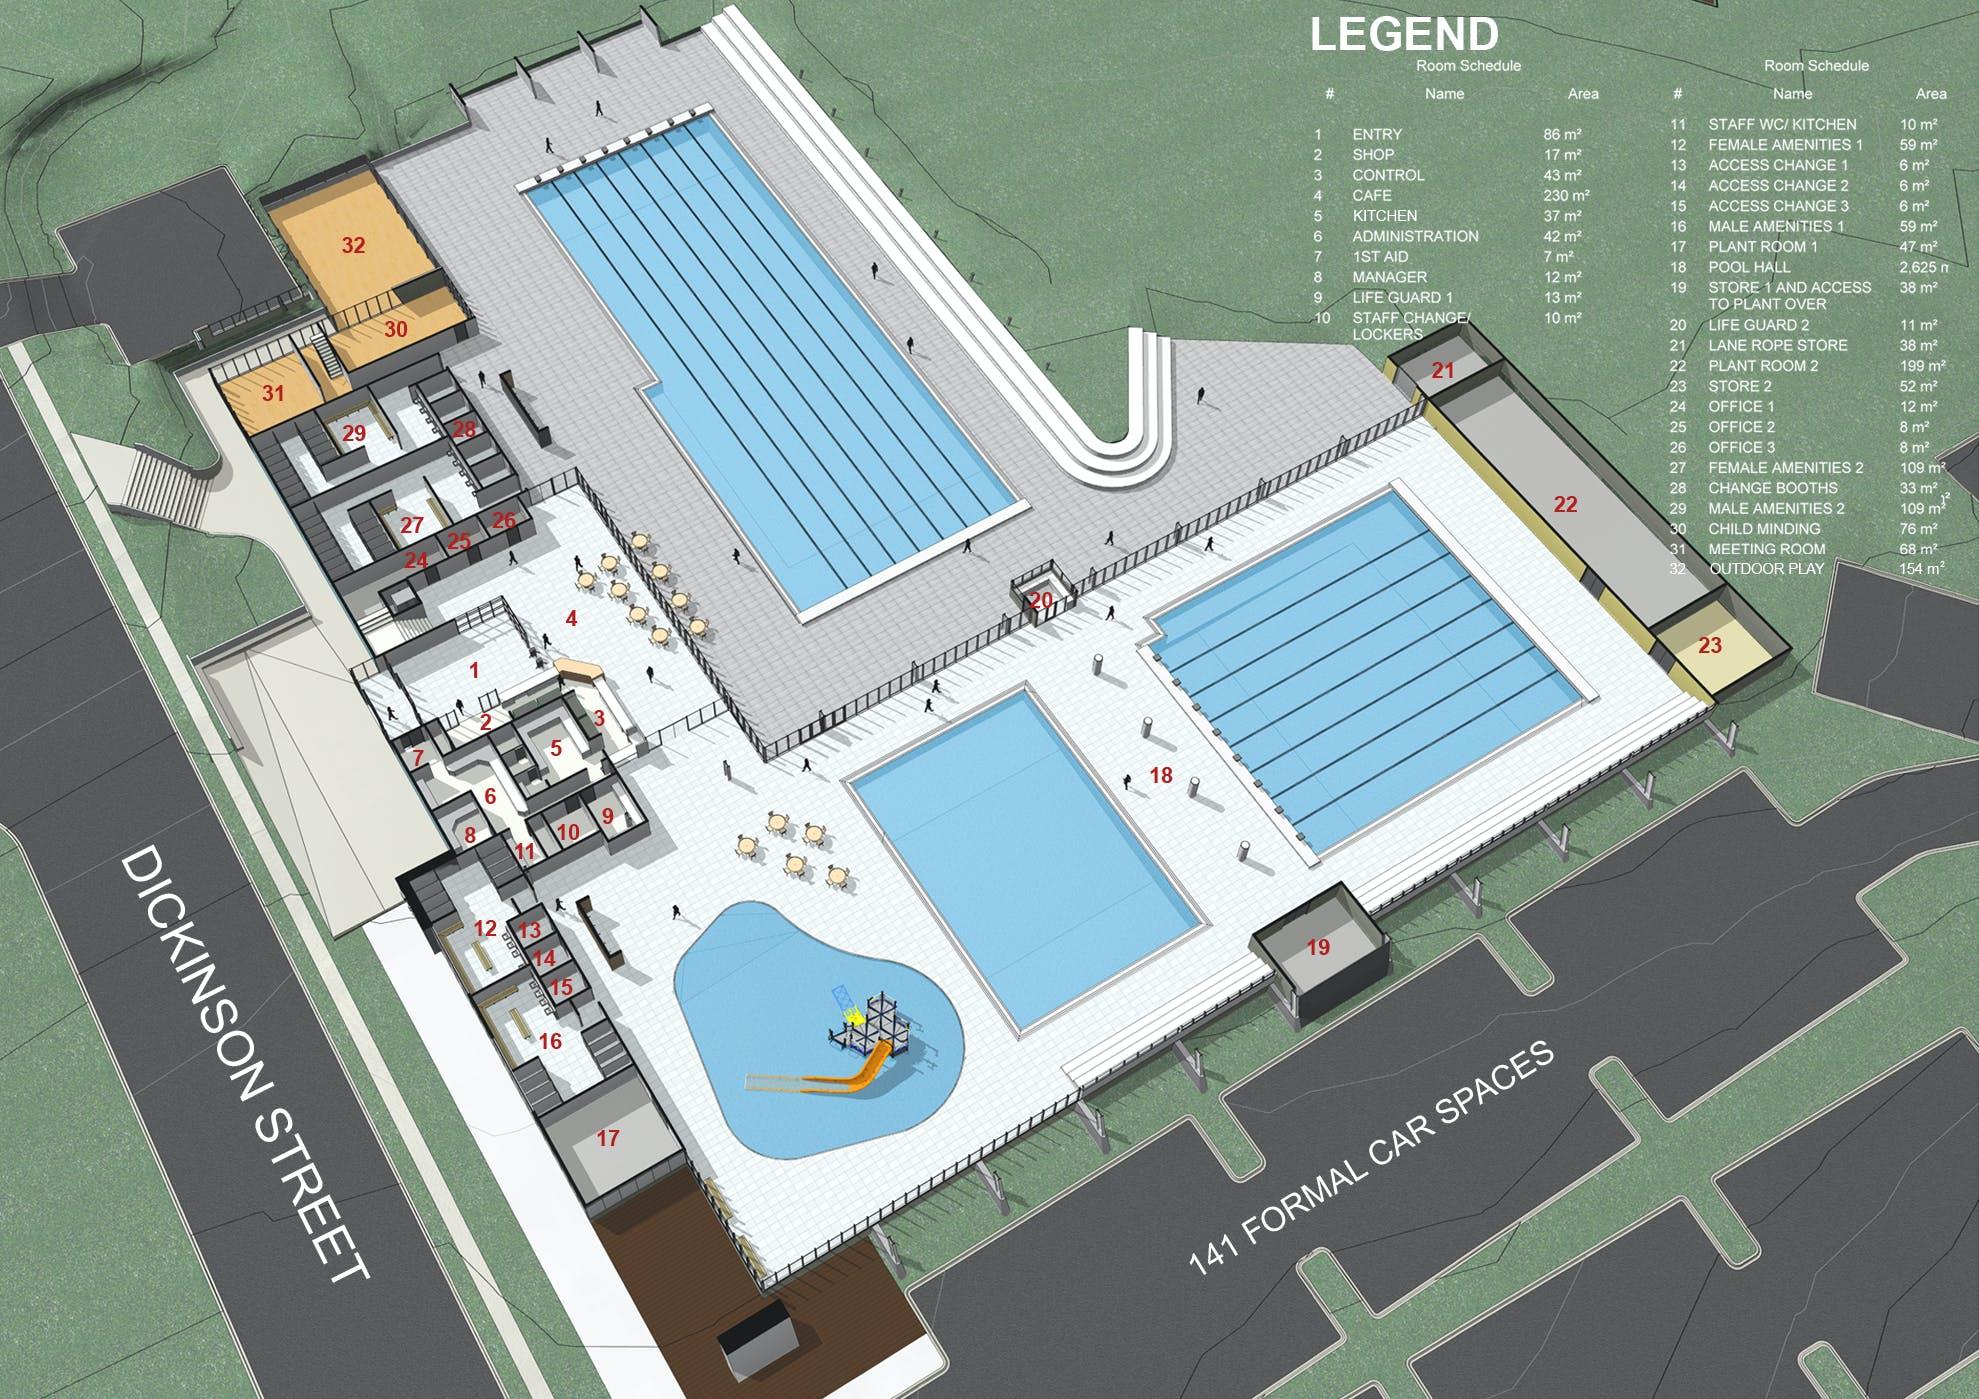 Charlestown Leisure Centre proposed ground floor plan